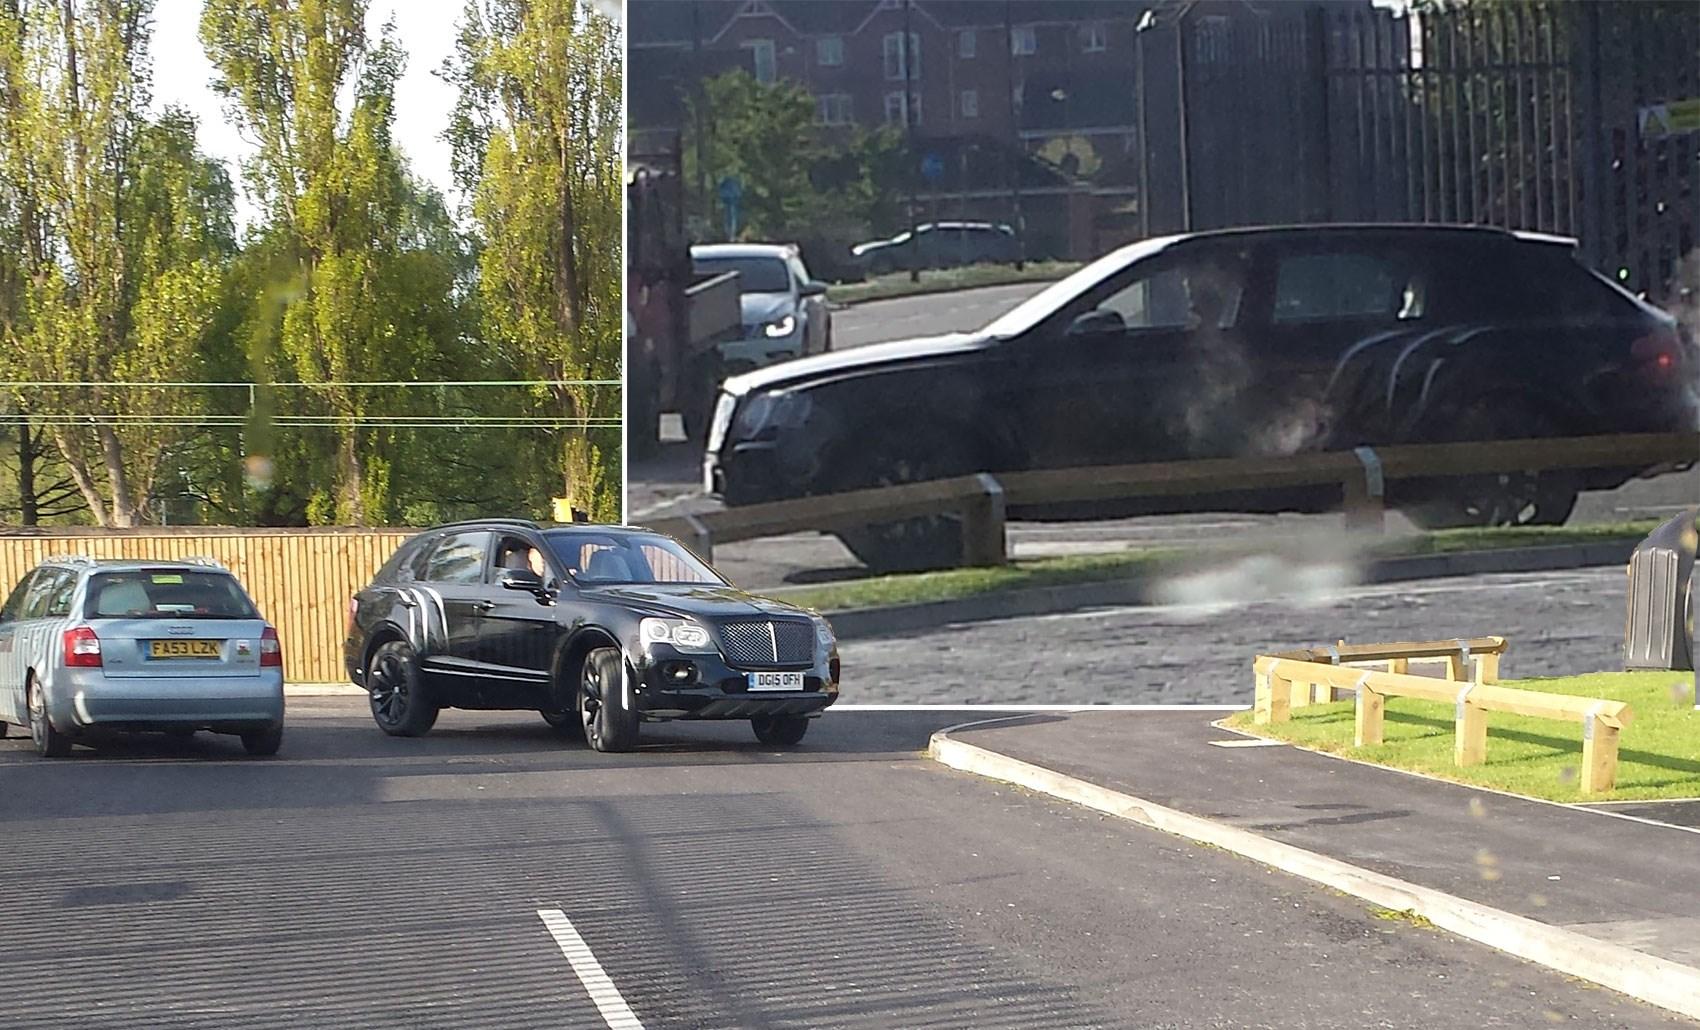 Bentley Bentayga On A Burger Run 4x4 Spied At Mcdonalds